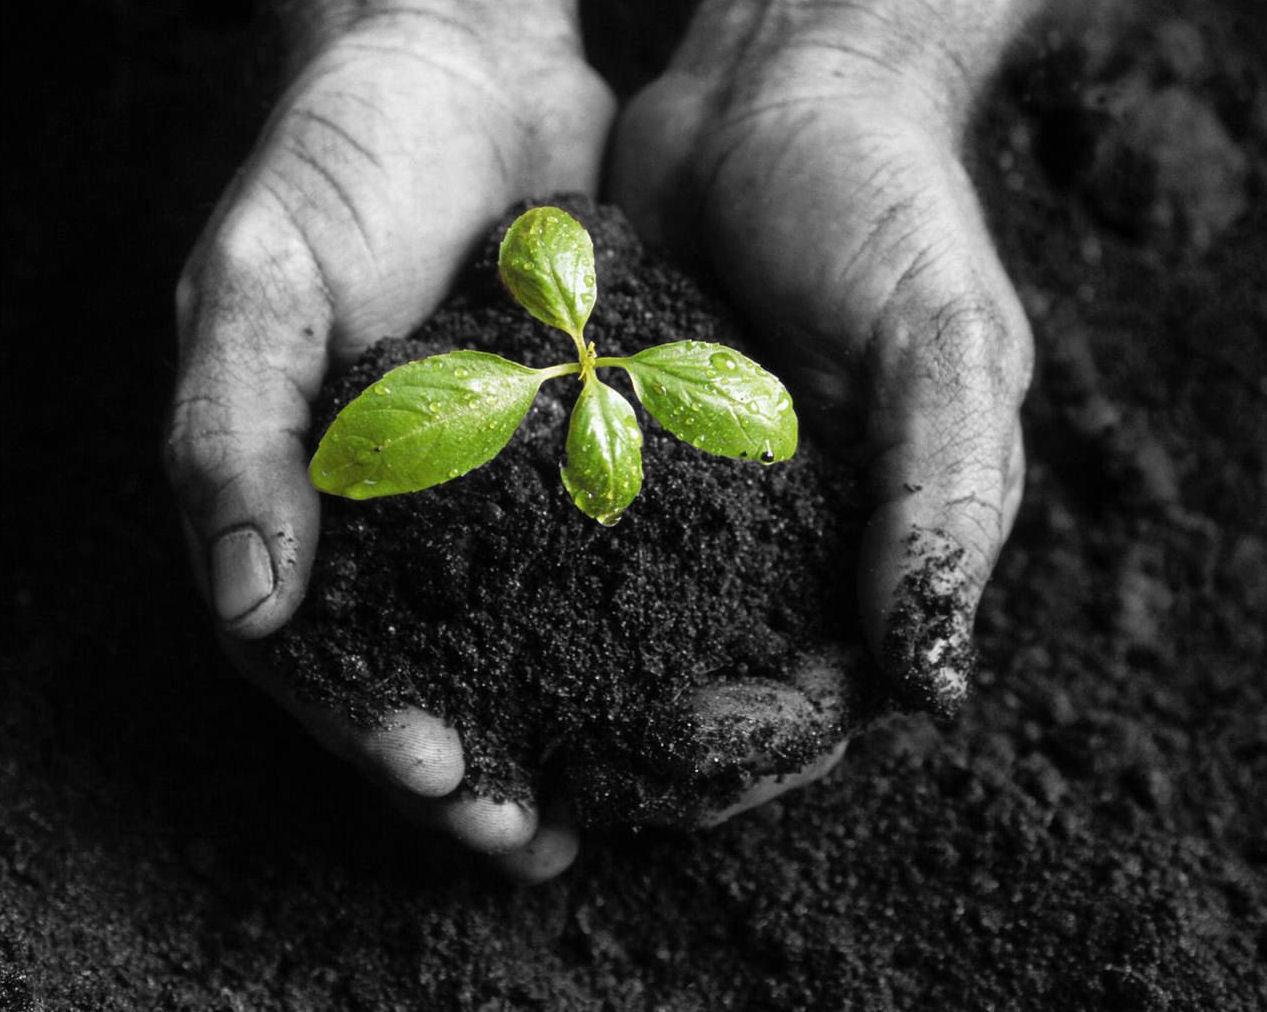 Смотреть planting seeds 2 24 фотография